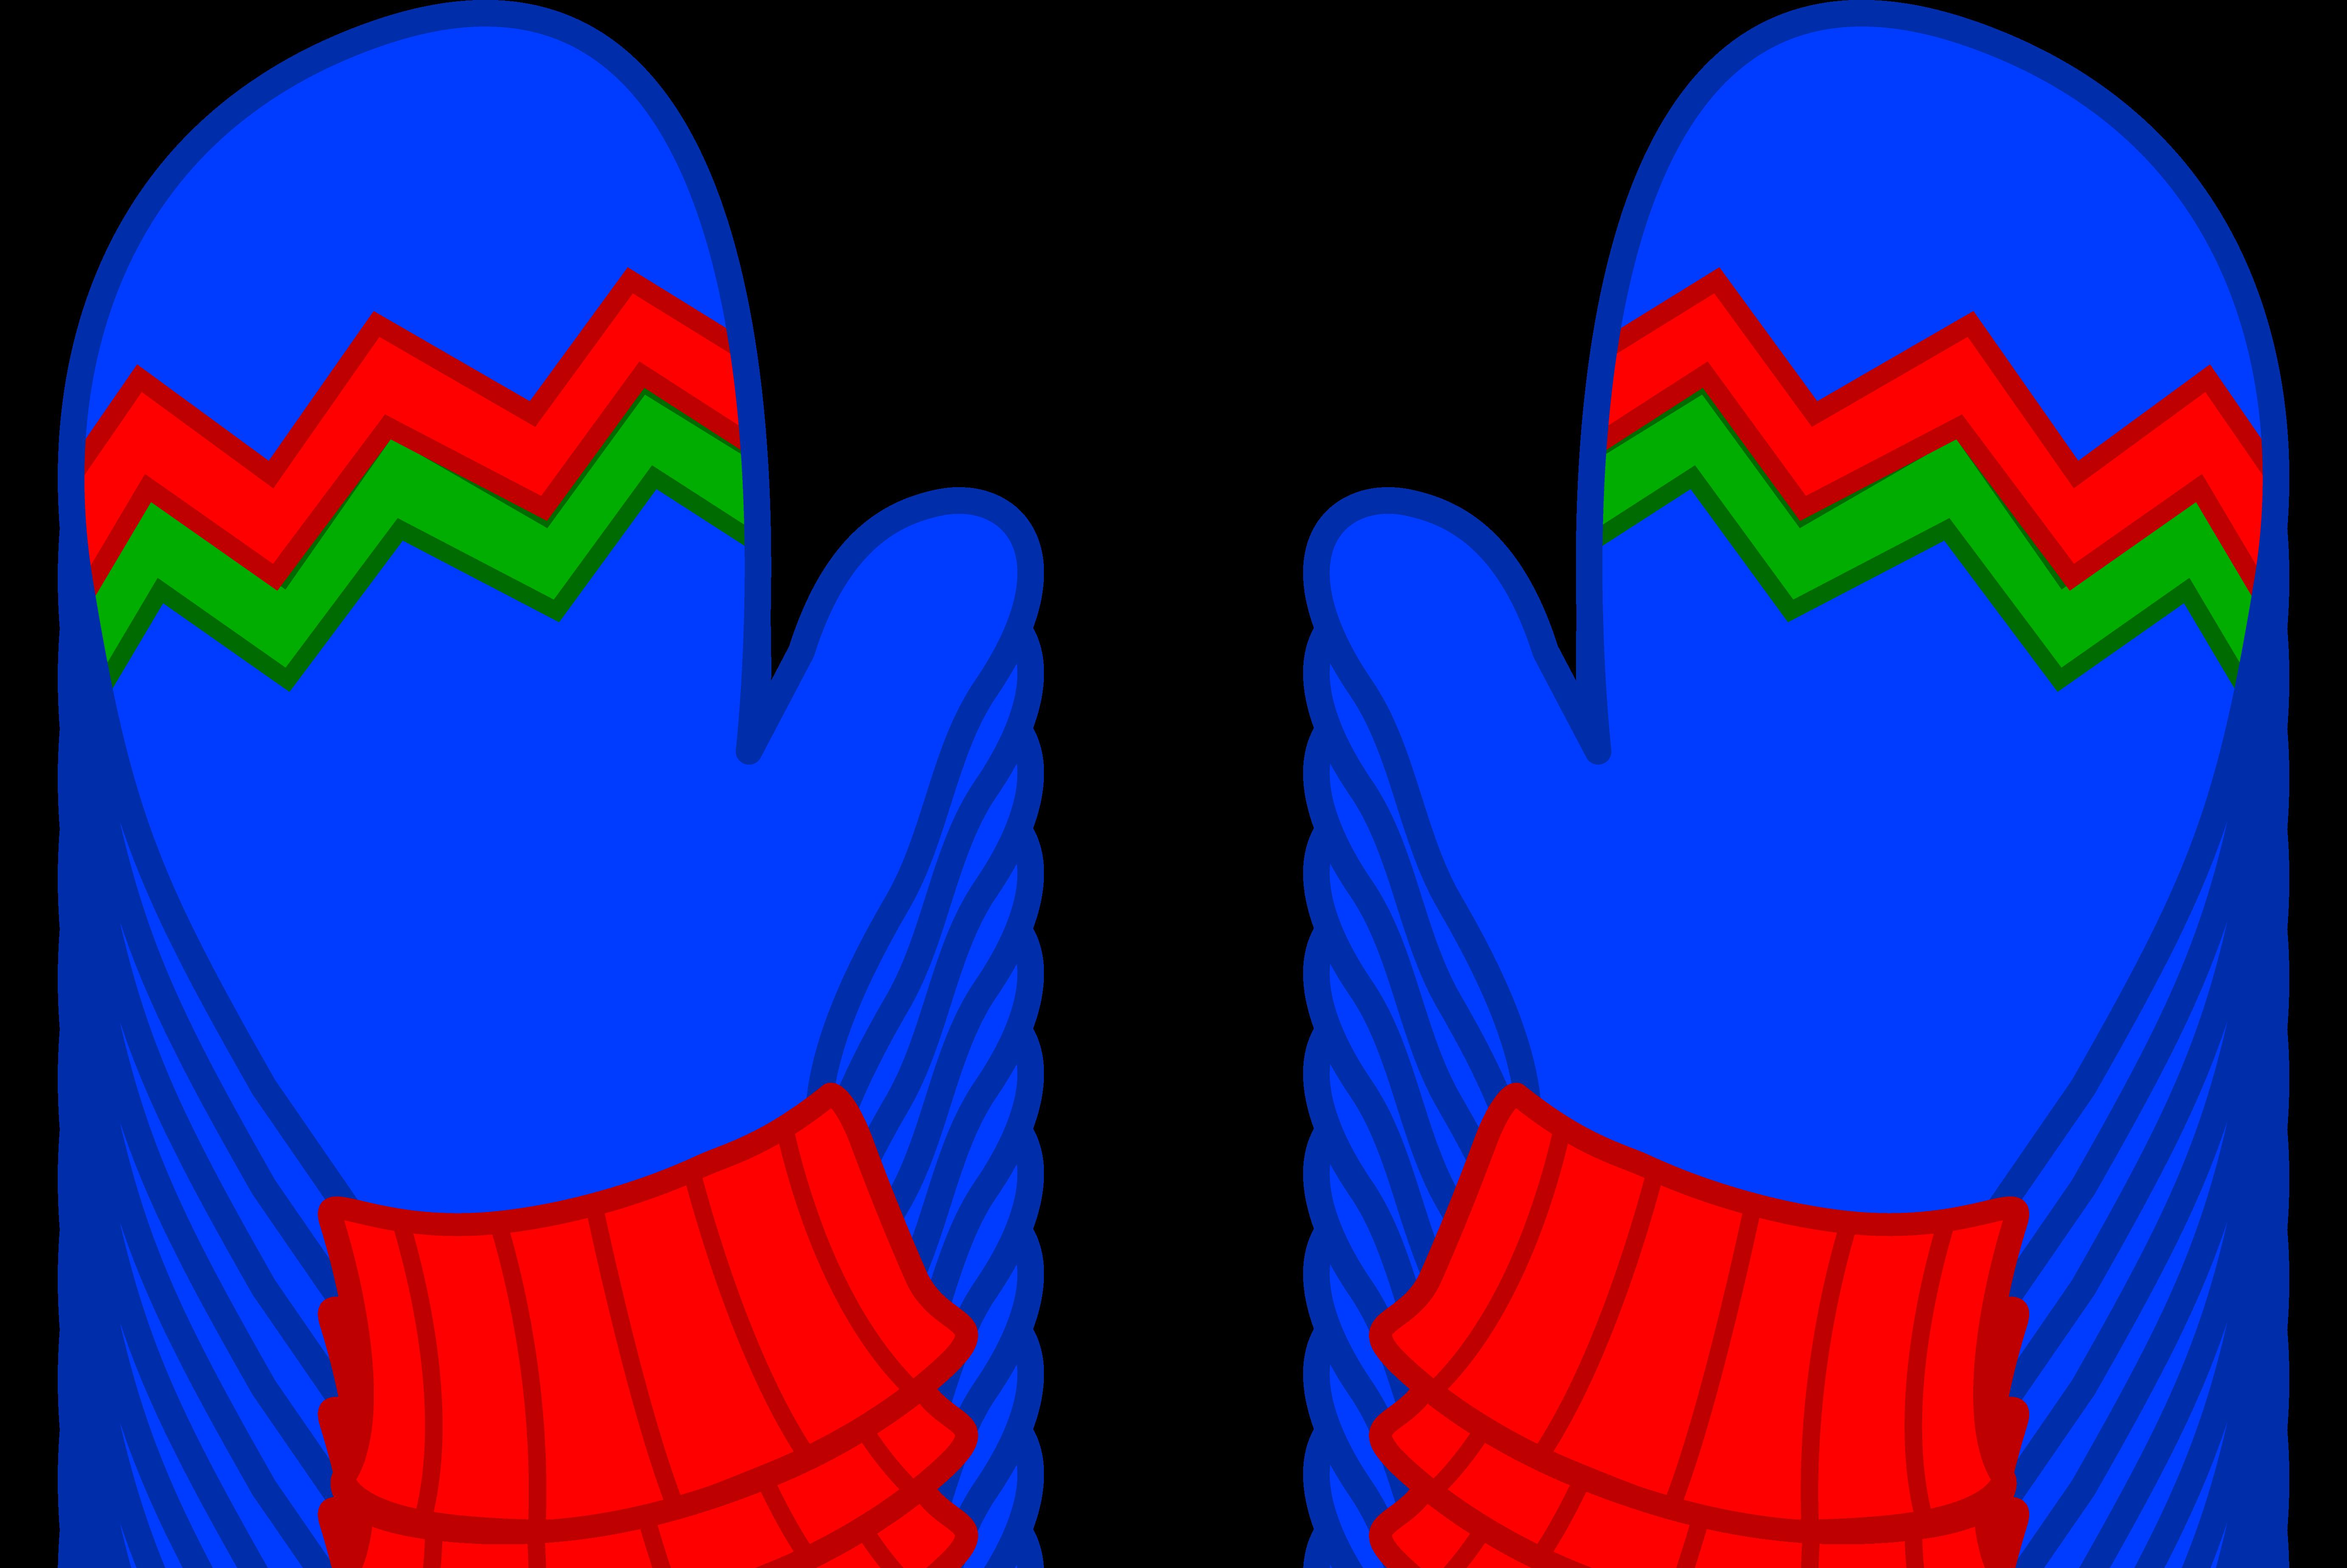 Sanya clipart mittens Clipart Clipart Panda Mitten Art